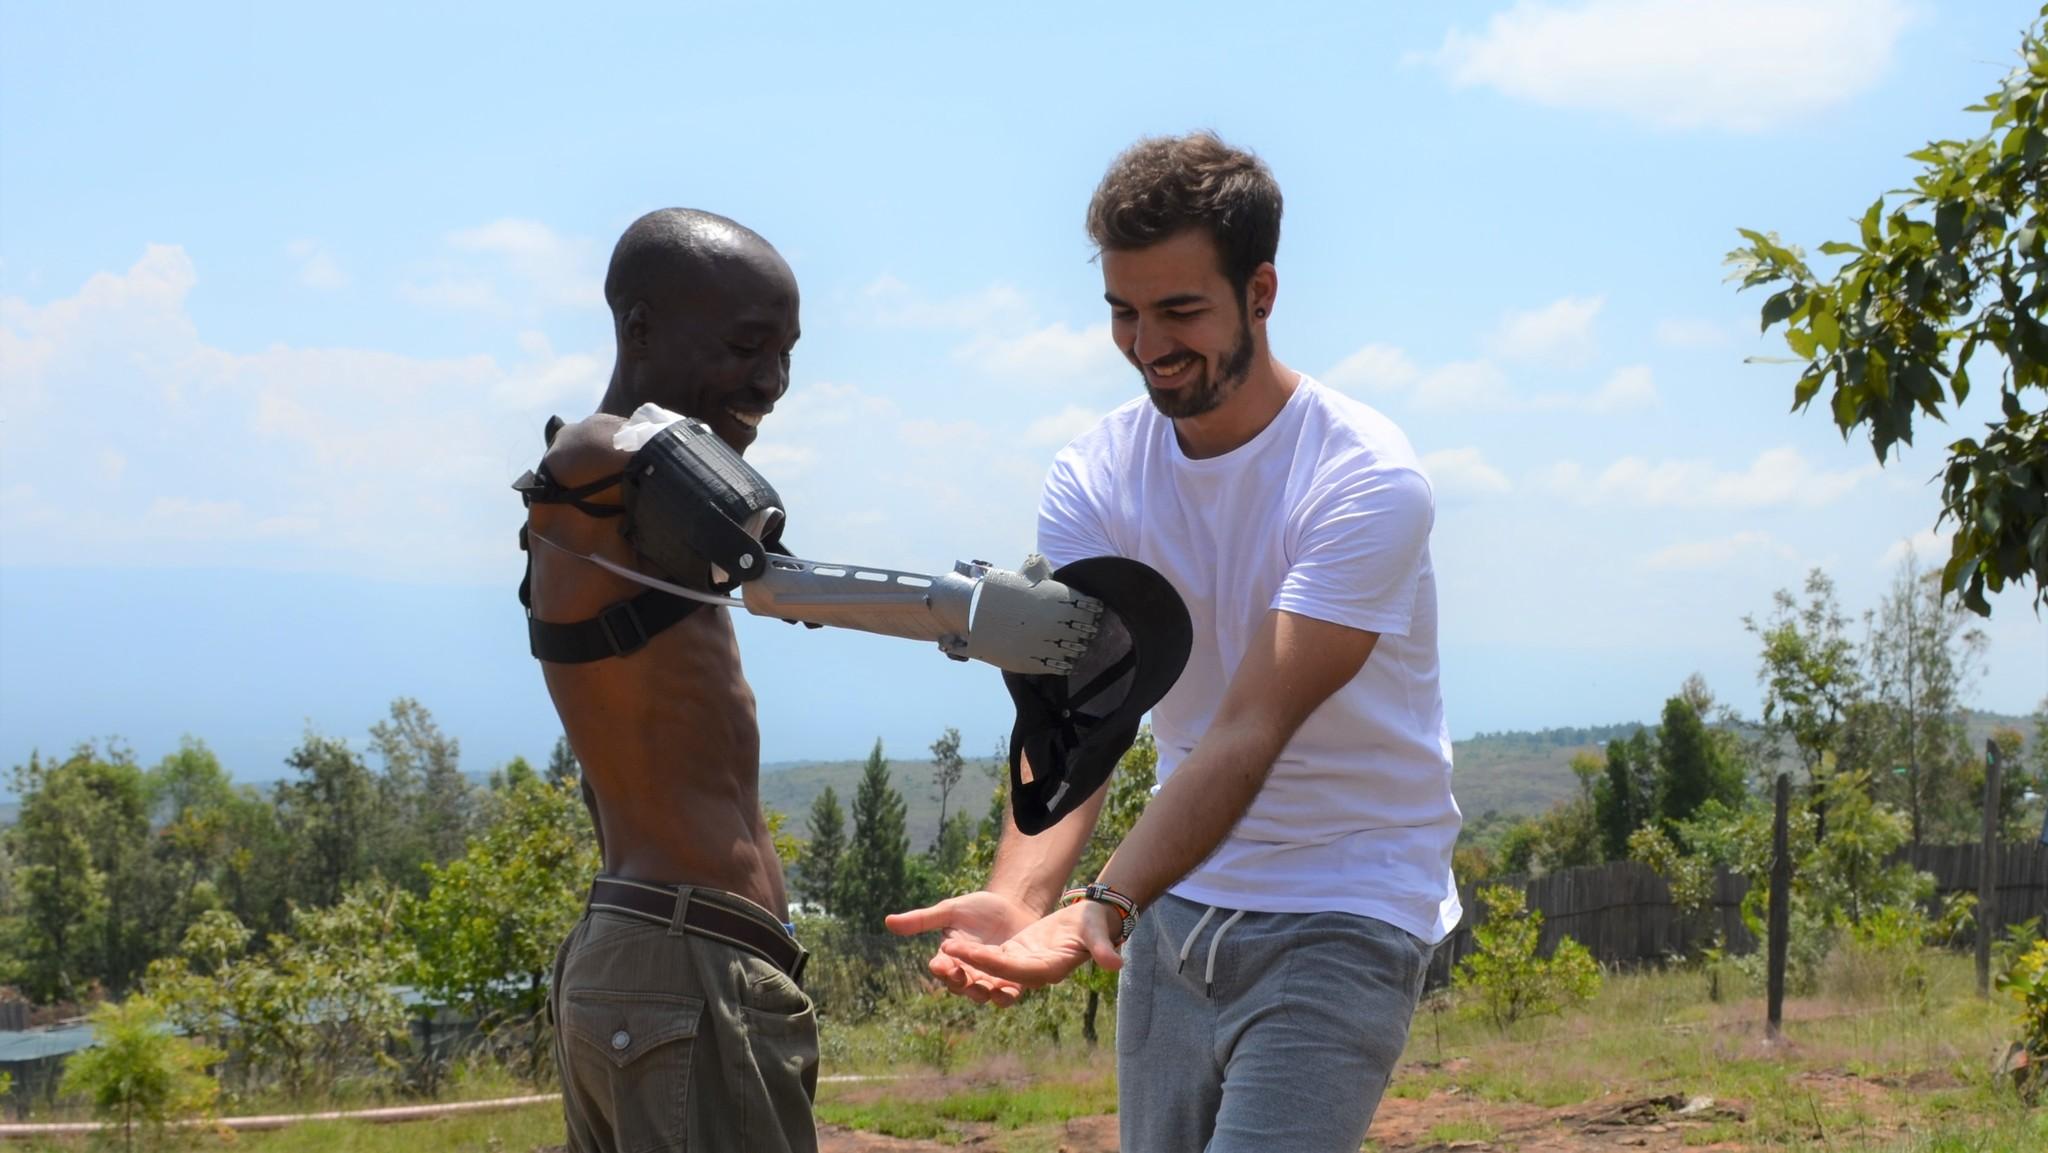 Guillermo Martínez en Kenia enseñando a utilizar uno de sus brazos 3D a un chico de allí.